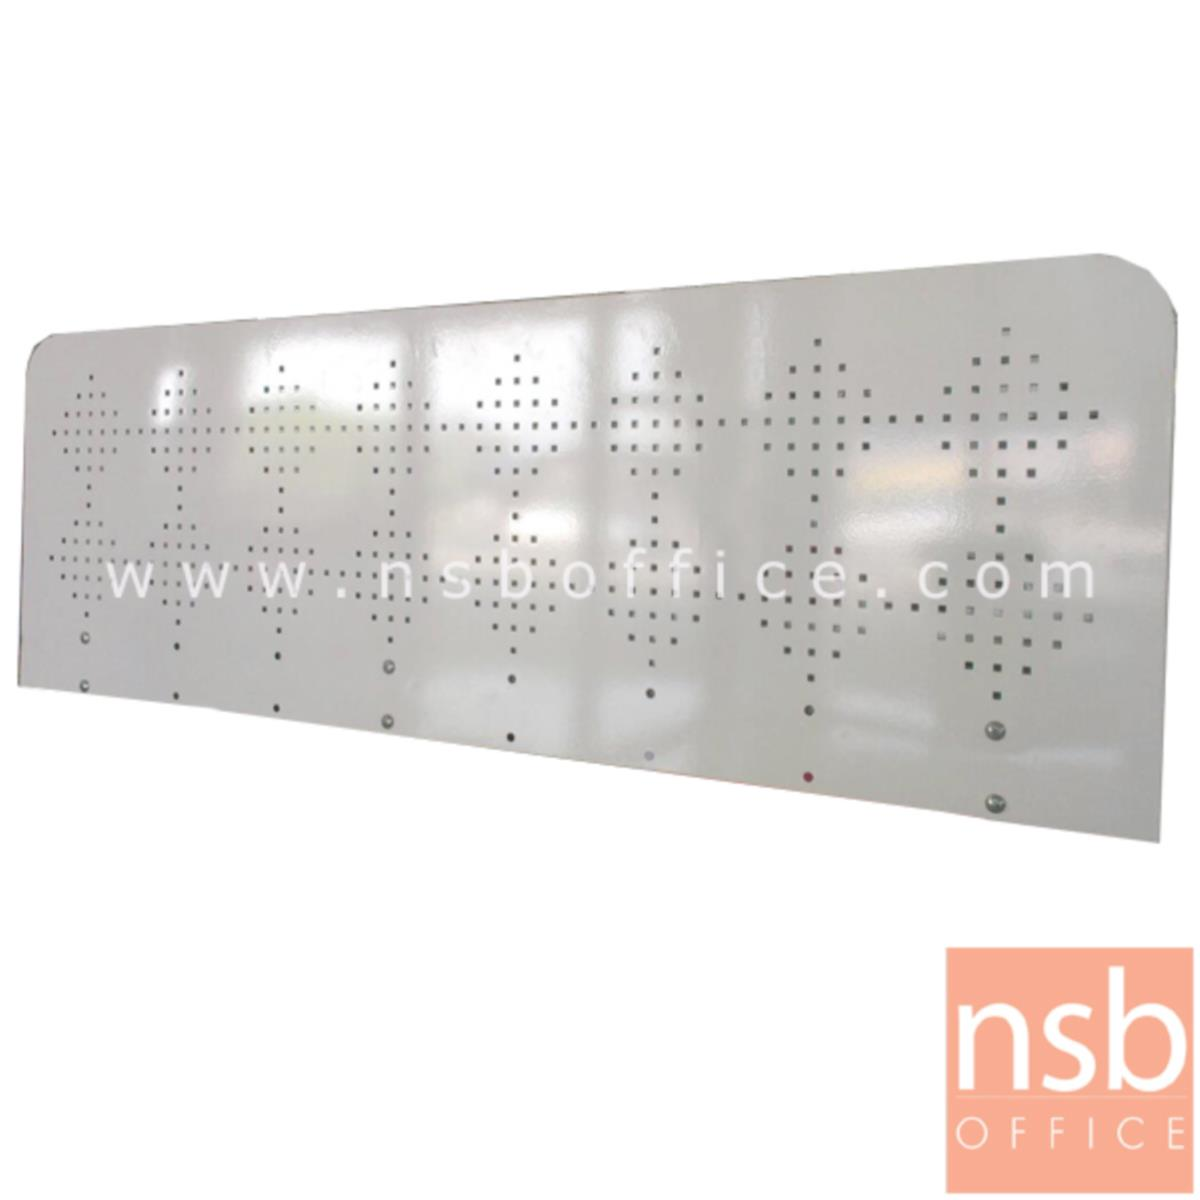 P04A012:มินิสกรีนกั้นบนโต๊ะเหล็กล้วน 40H cm.  รุ่น Steel (สตีล) ขนาด 100W, 120W, 135W และ 150W cm.